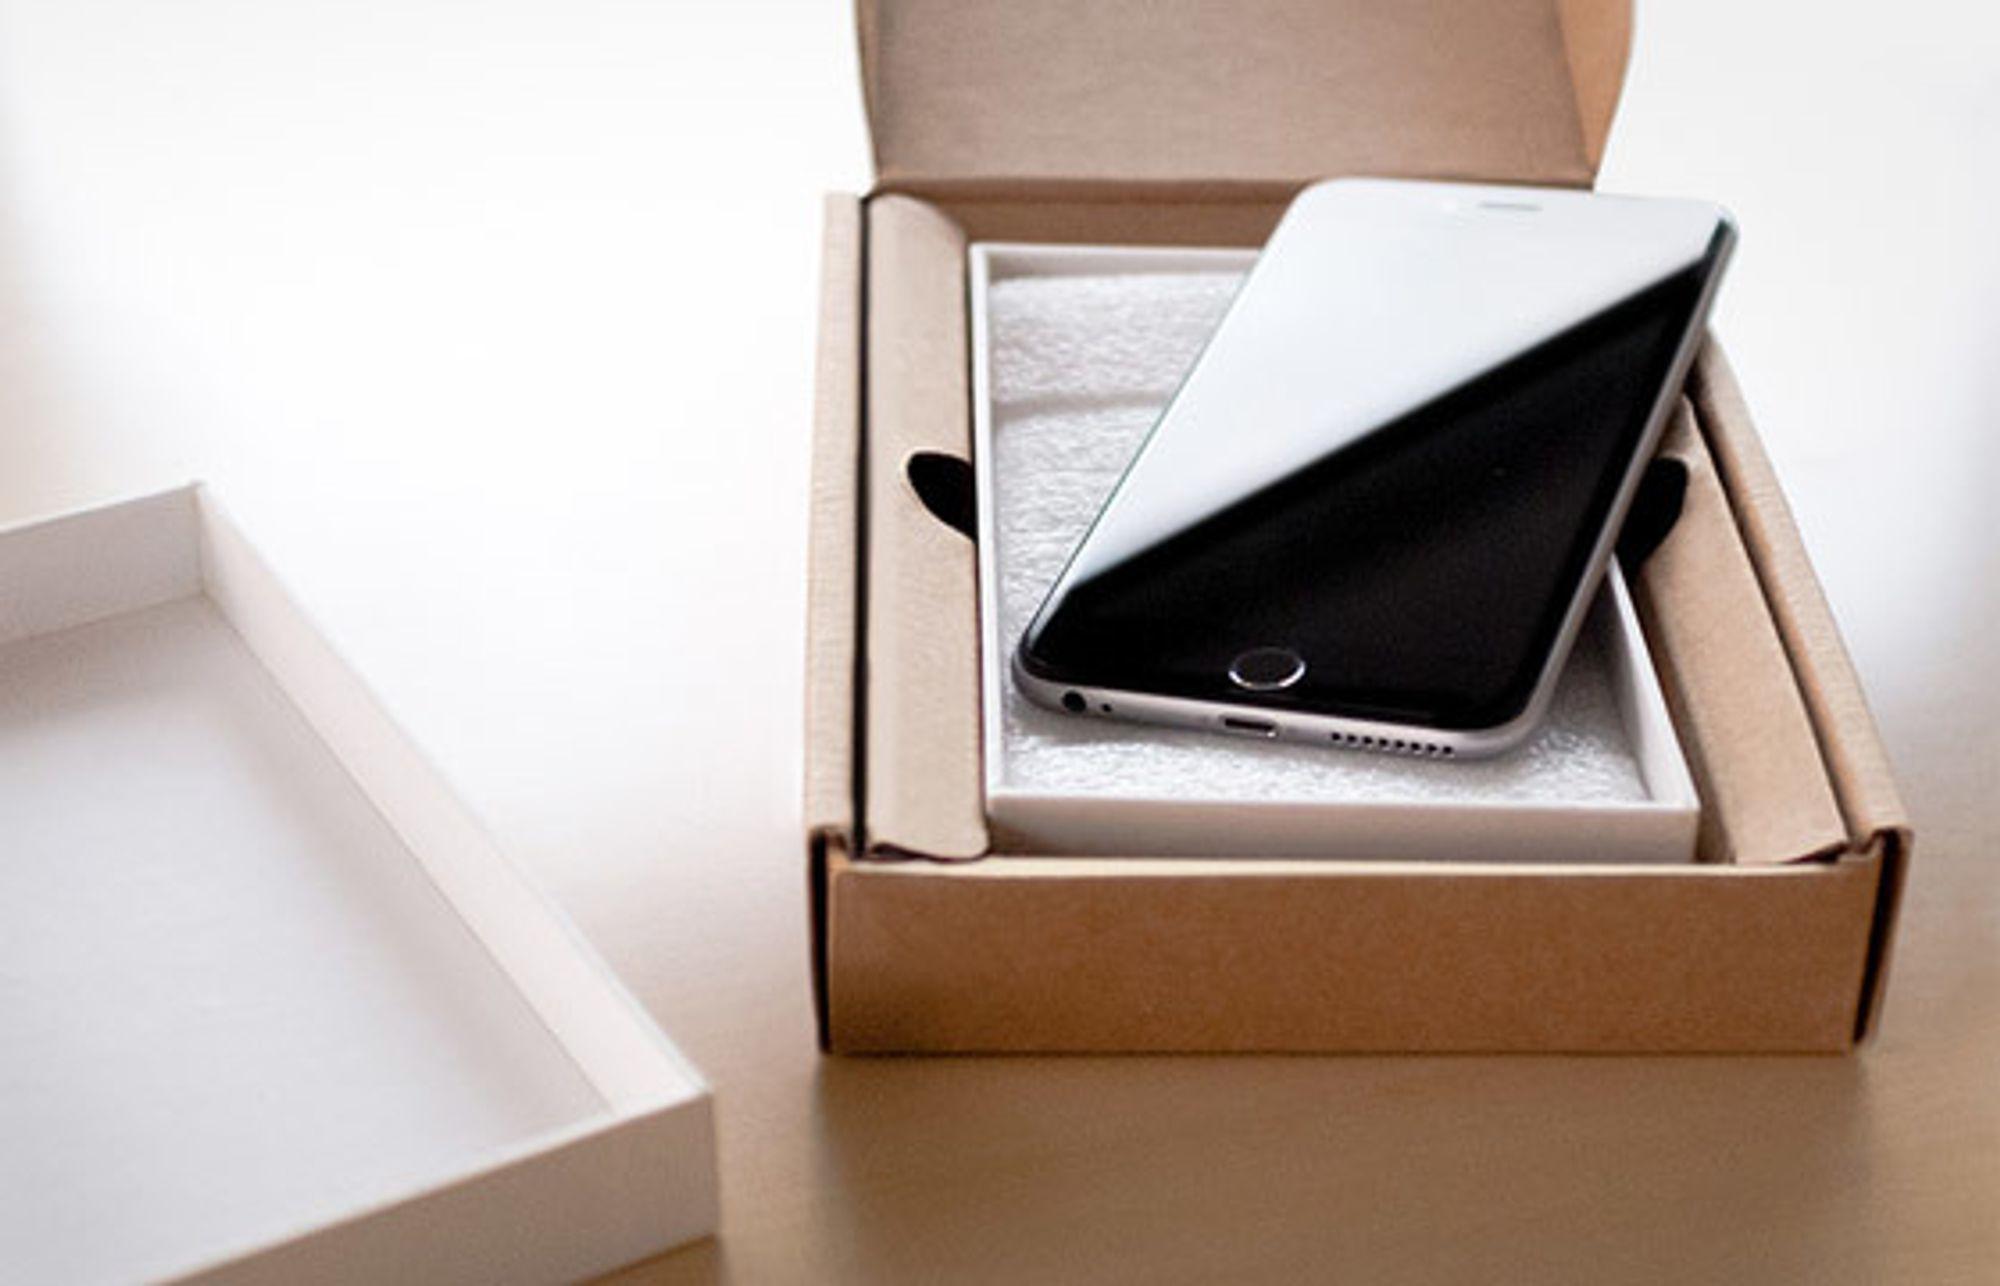 gratis bytte av batteri iphone 6s